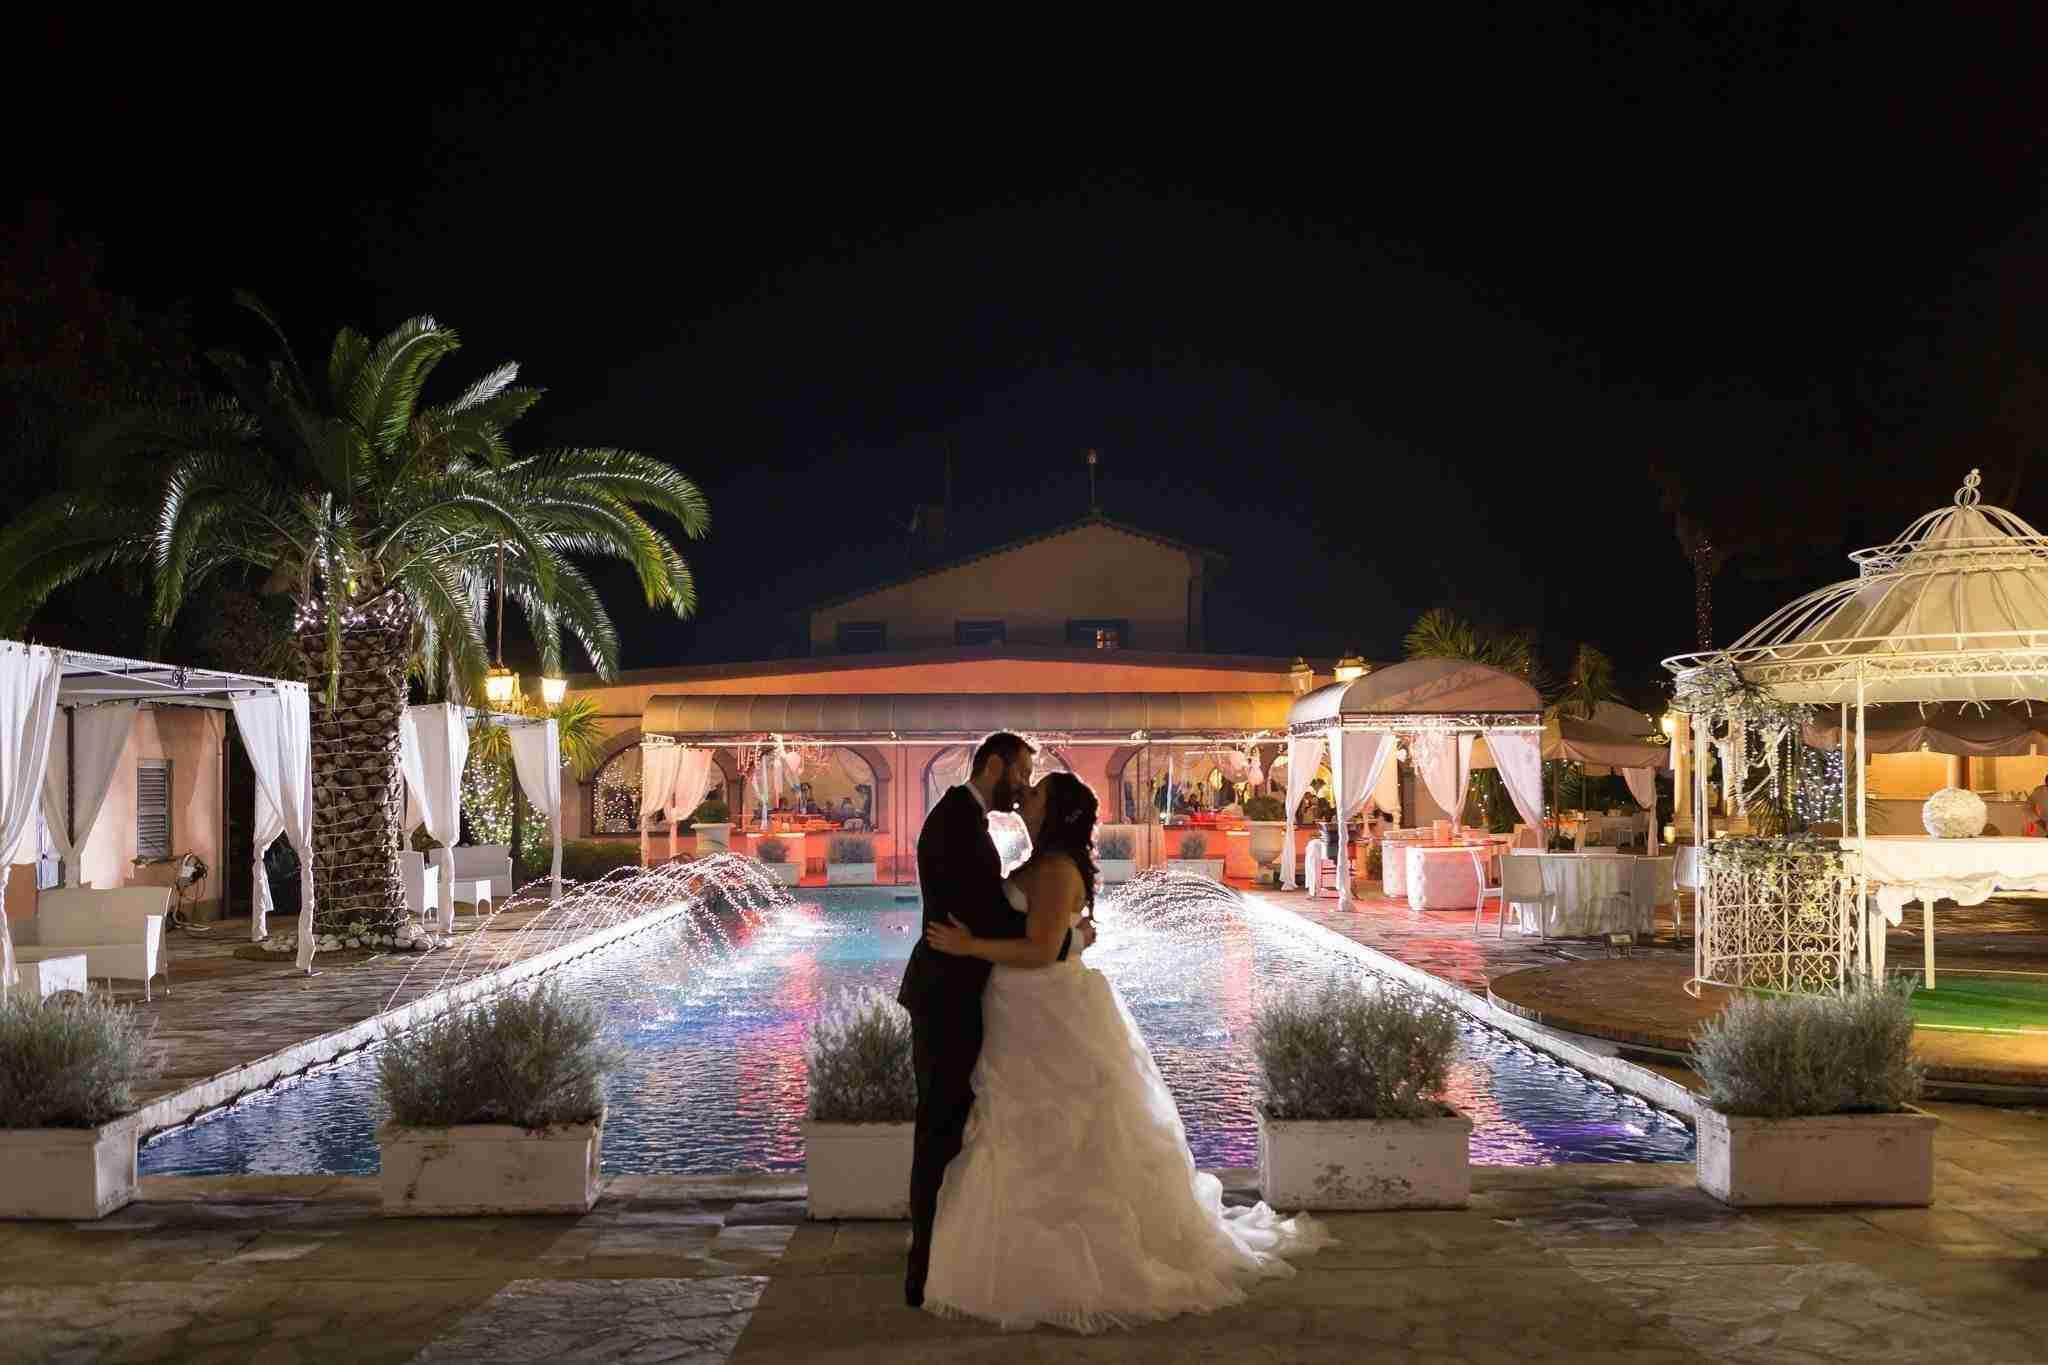 Matrimonio a Villa il Sogno: Piscina ed Esterni, Ricevimento in giardino